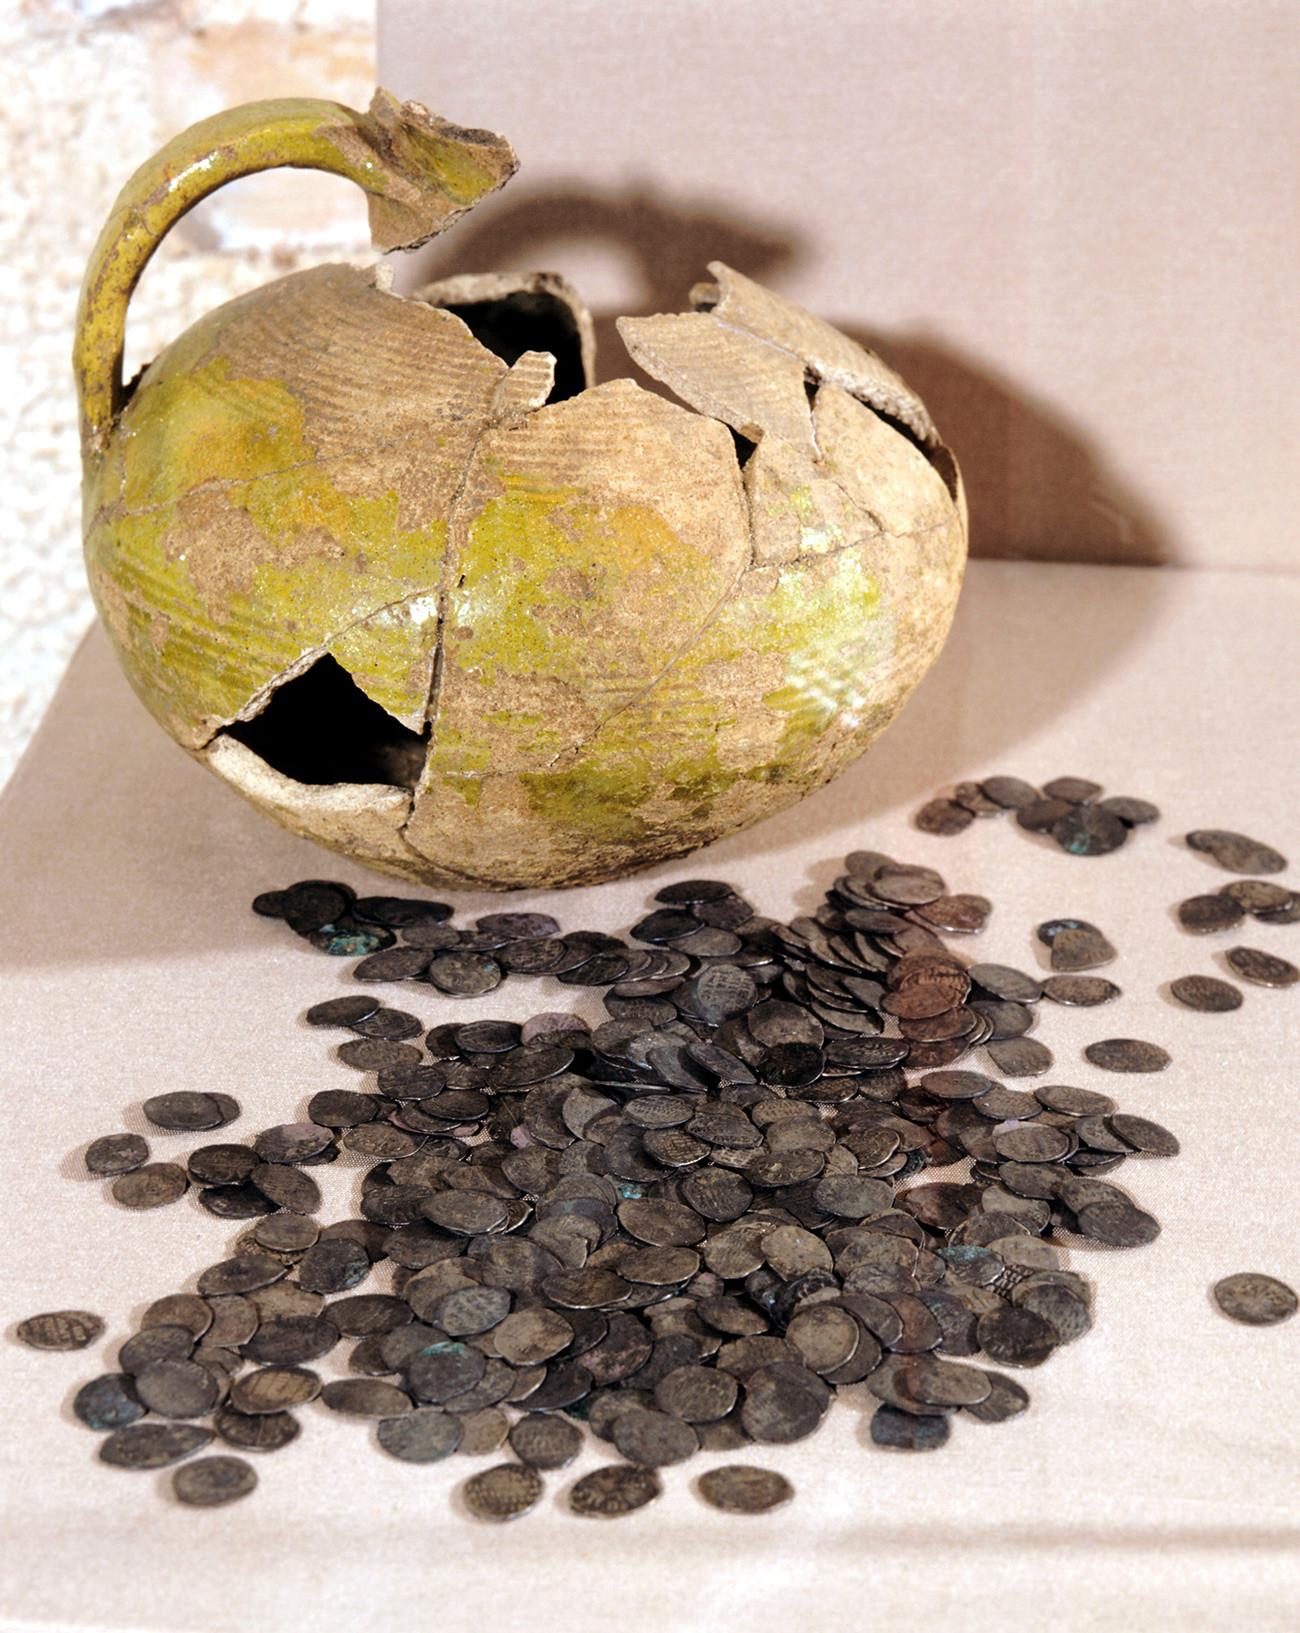 ワシリー3世時代の埋蔵金